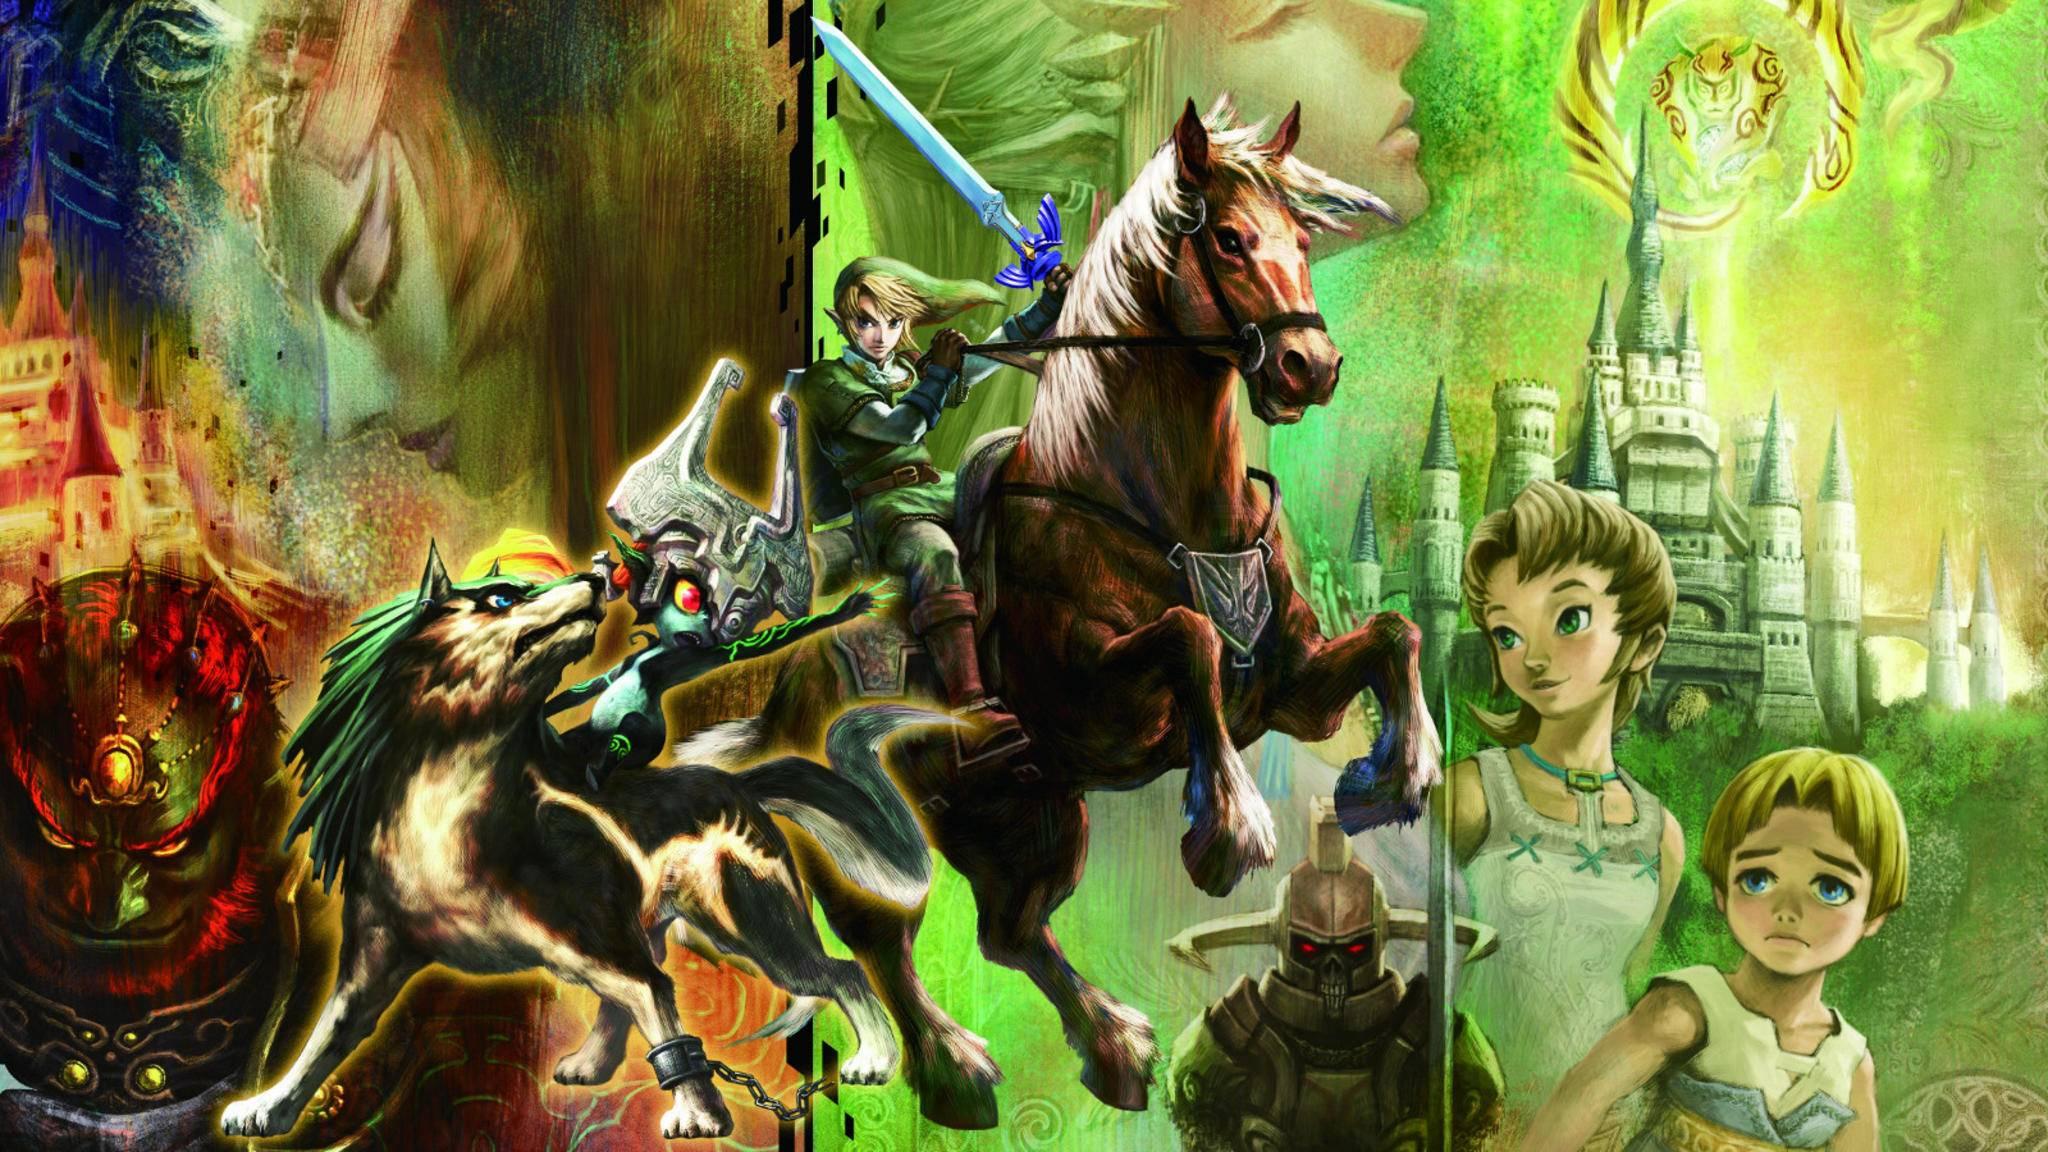 """Link aus """"The Legend of Zelda"""" ist vor allem für seine Abenteuer auf Nintendo-Konsolen bekannt. Aber gibt es den Titel eigentlich auch für die PS4?"""